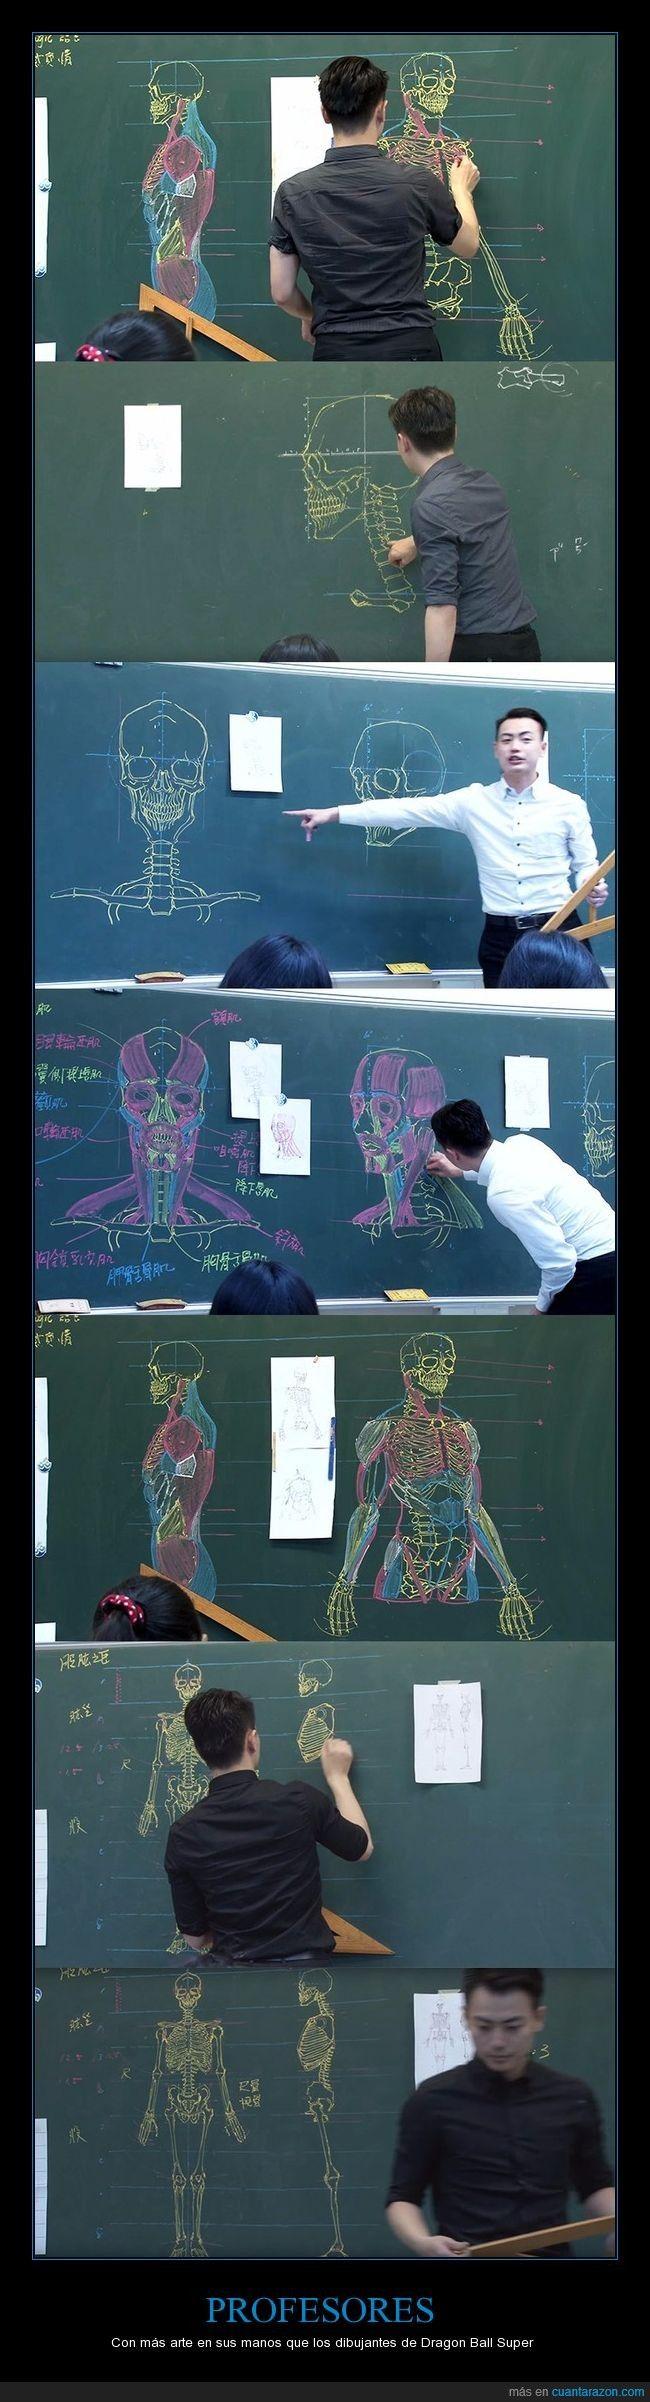 Profesor crea auténticas obras de arte en su clase de biología - Con más arte en sus manos que los dibujantes de Dragon Ball Super   Gracias a http://www.cuantarazon.com/   Si quieres leer la noticia completa visita: http://www.estoy-aburrido.com/profesor-crea-autenticas-obras-de-arte-en-su-clase-de-biologia-con-mas-arte-en-sus-manos-que-los-dibujantes-de-dragon-ball-super/